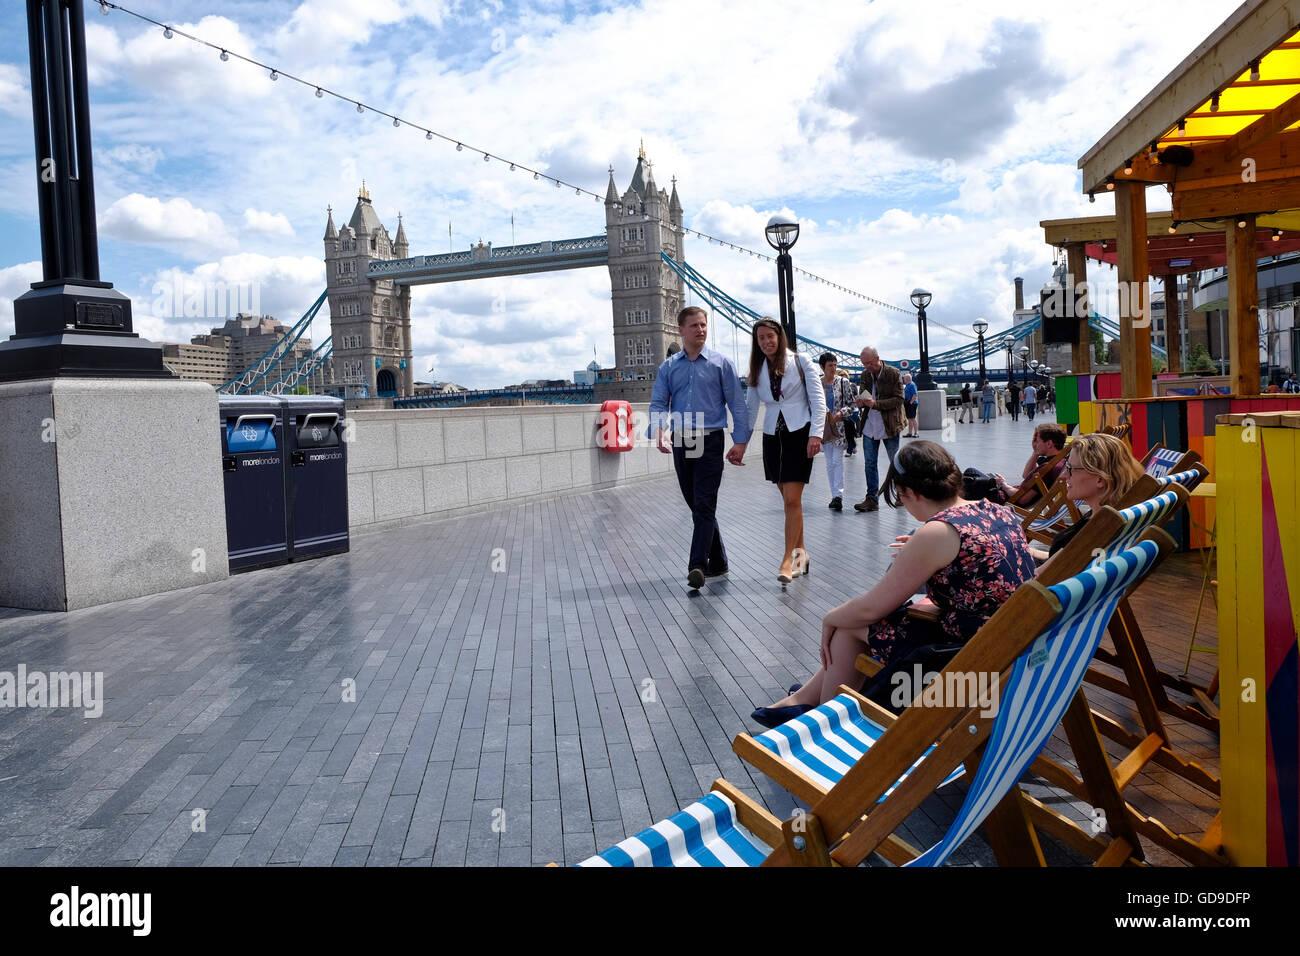 London, Vereinigtes Königreich. Touristen sitzen und entspannen Sie sich in Liegestühlen auf dem Gehweg Stockbild